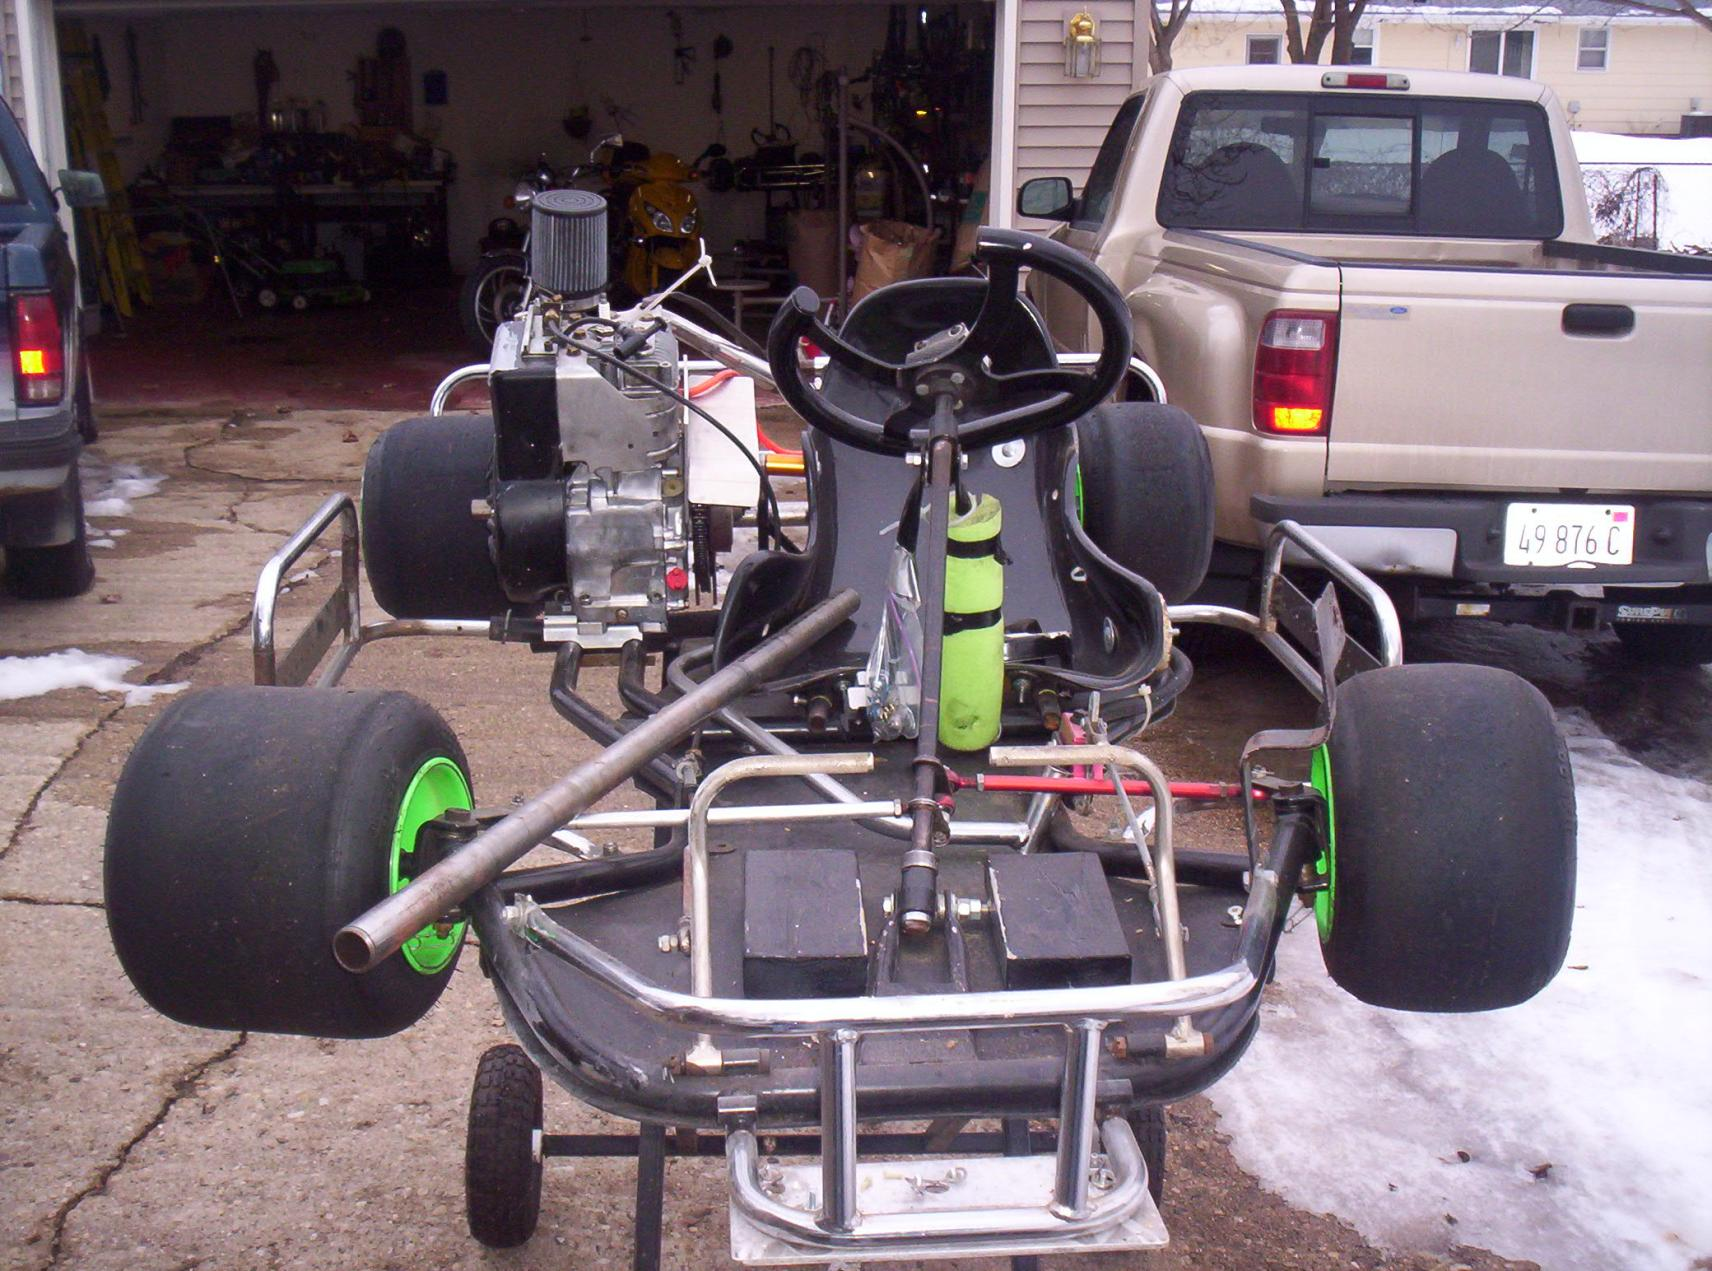 Kart Racing: Kart Racing Karts For Sale